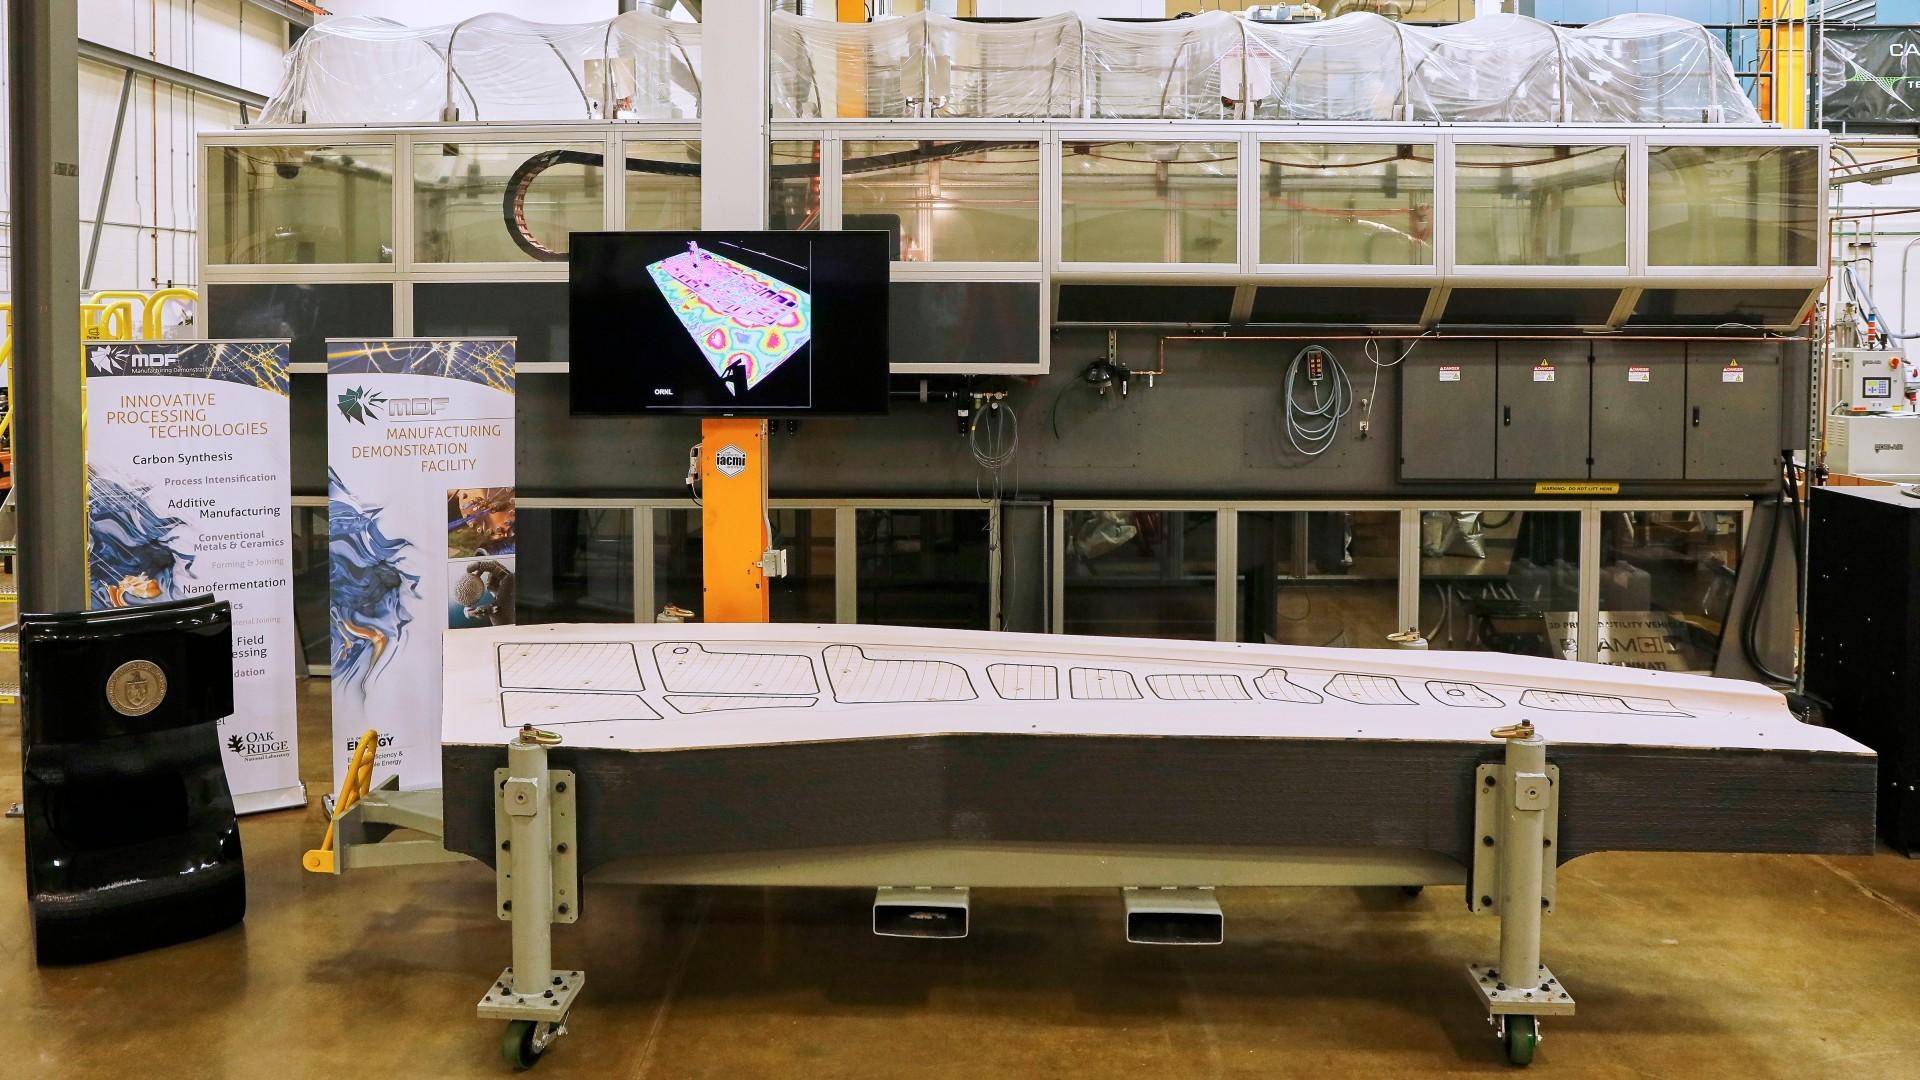 Новый рекорд 3D-печати: самый большой твёрдый предмет